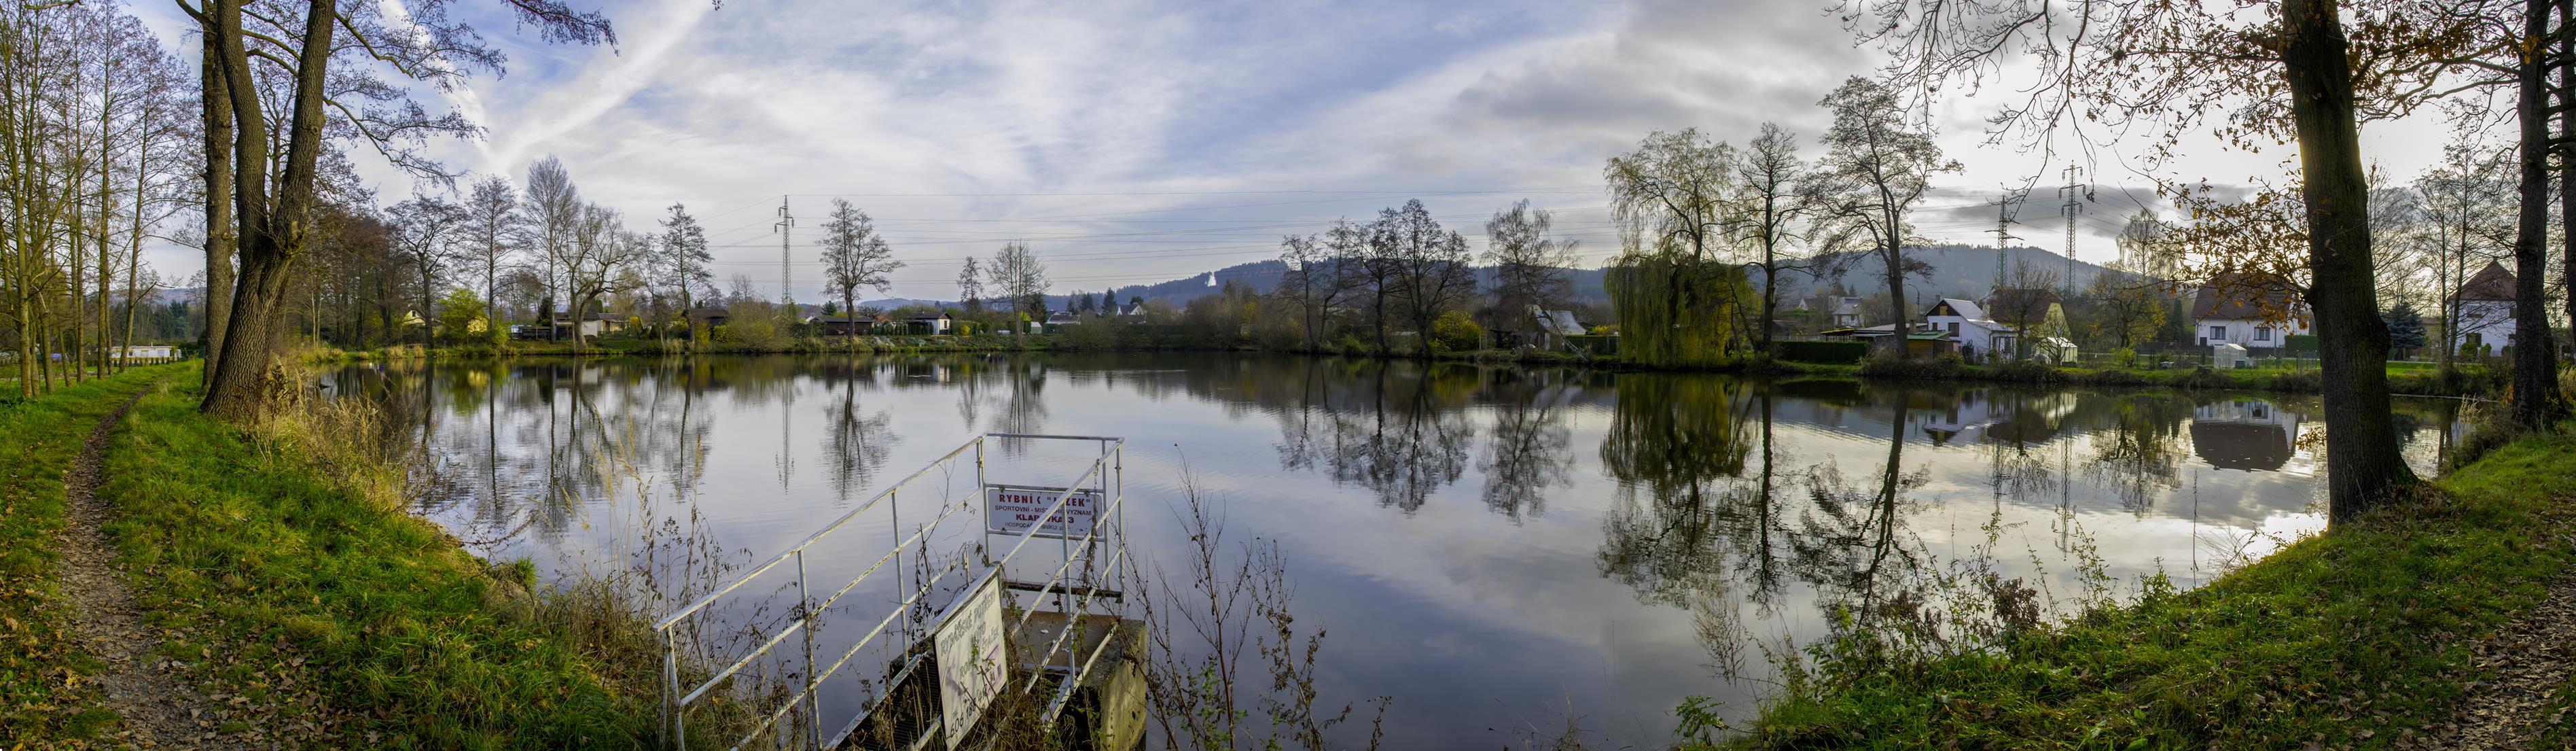 Obec Kamenný Újezd na Rokycansku, vesnice s bohatou tradicí, kulturním i sportovním životem